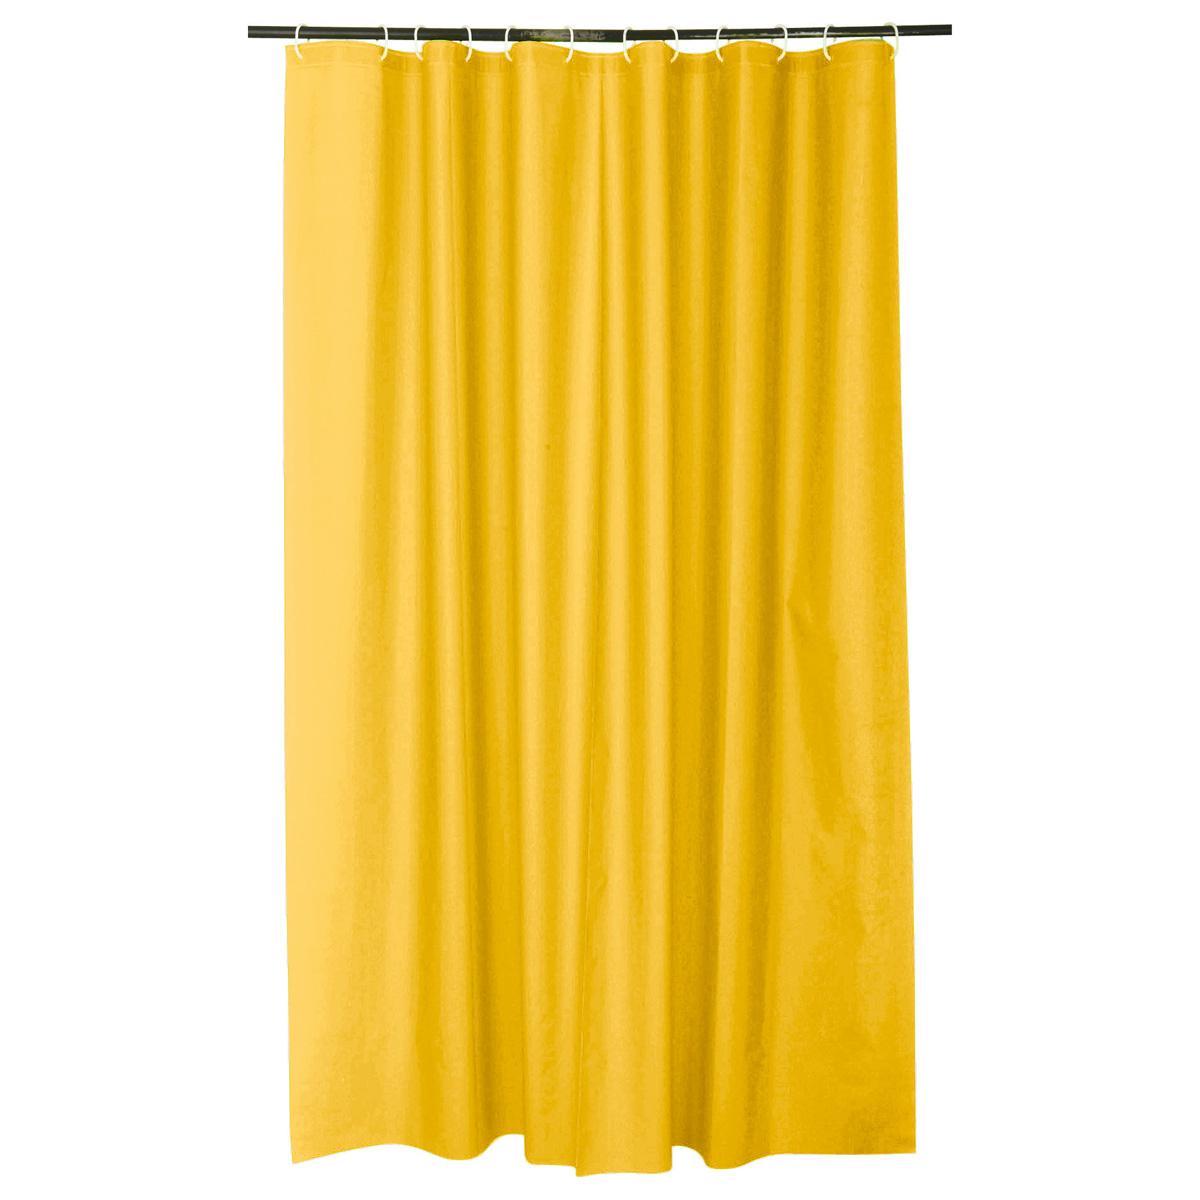 Κουρτίνα Μπάνιου Πλαστική (180×200) L-C Vitamine Peva Miel 1801083